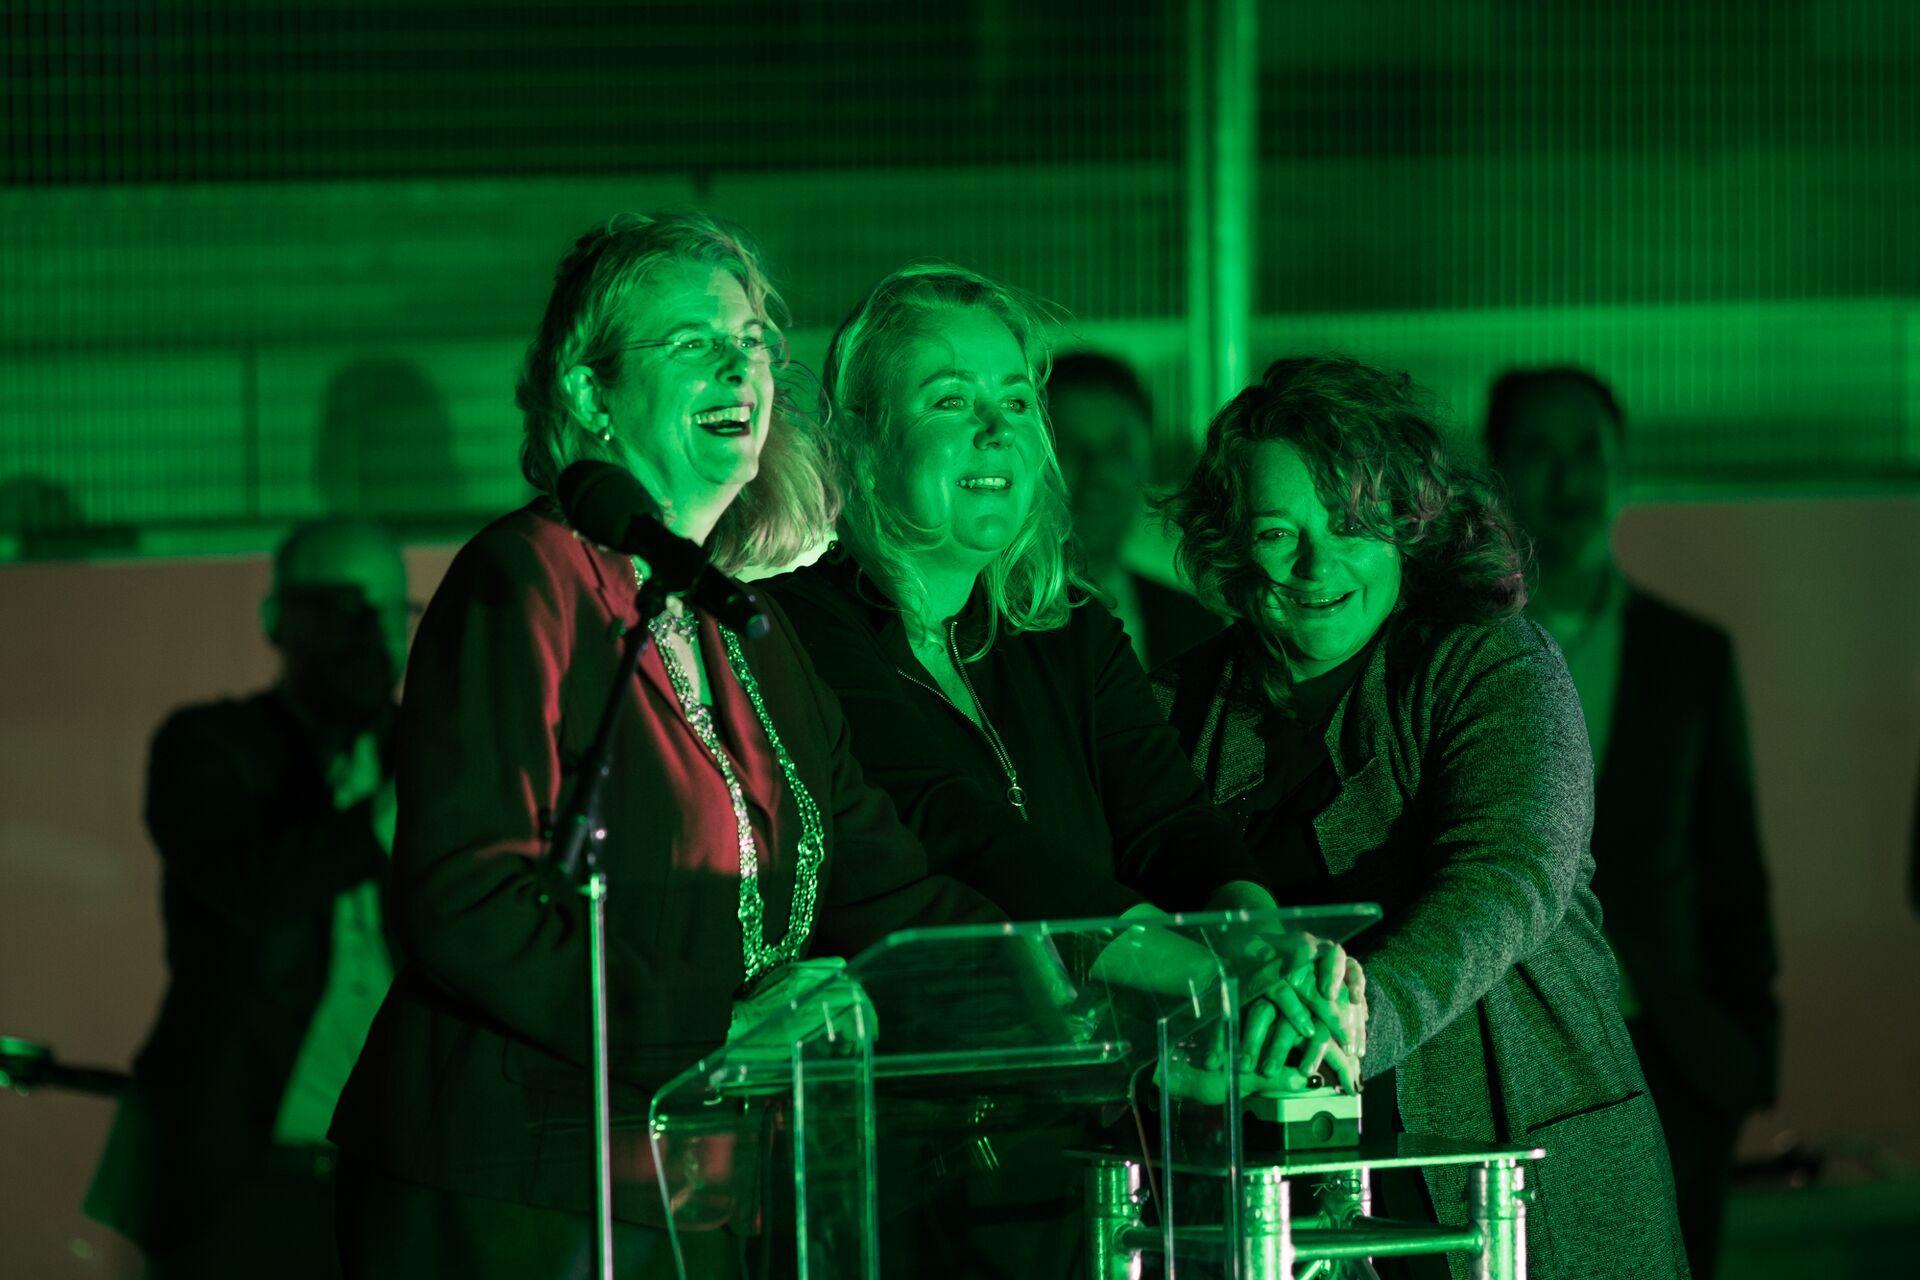 Polderdaktuin geopend in Den Haag